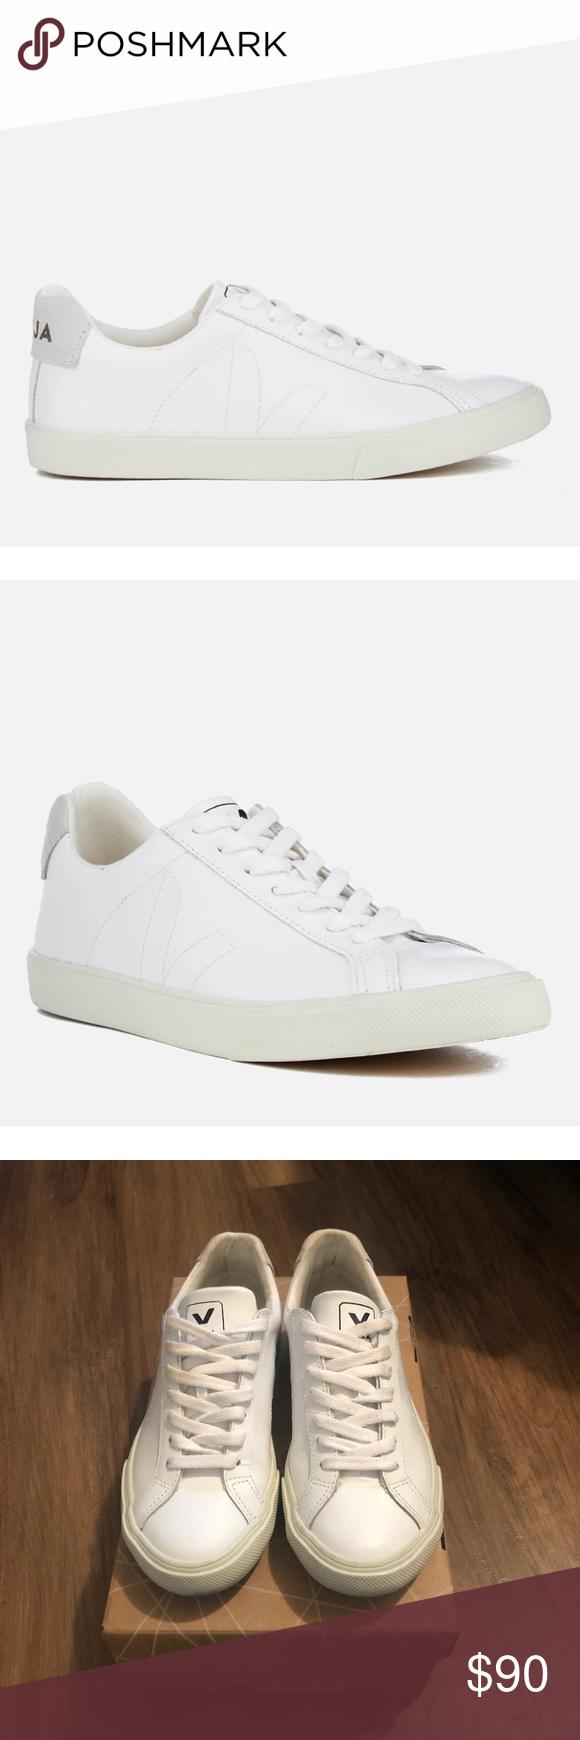 Veja Esplar Sneaker White | Size 5 | EU